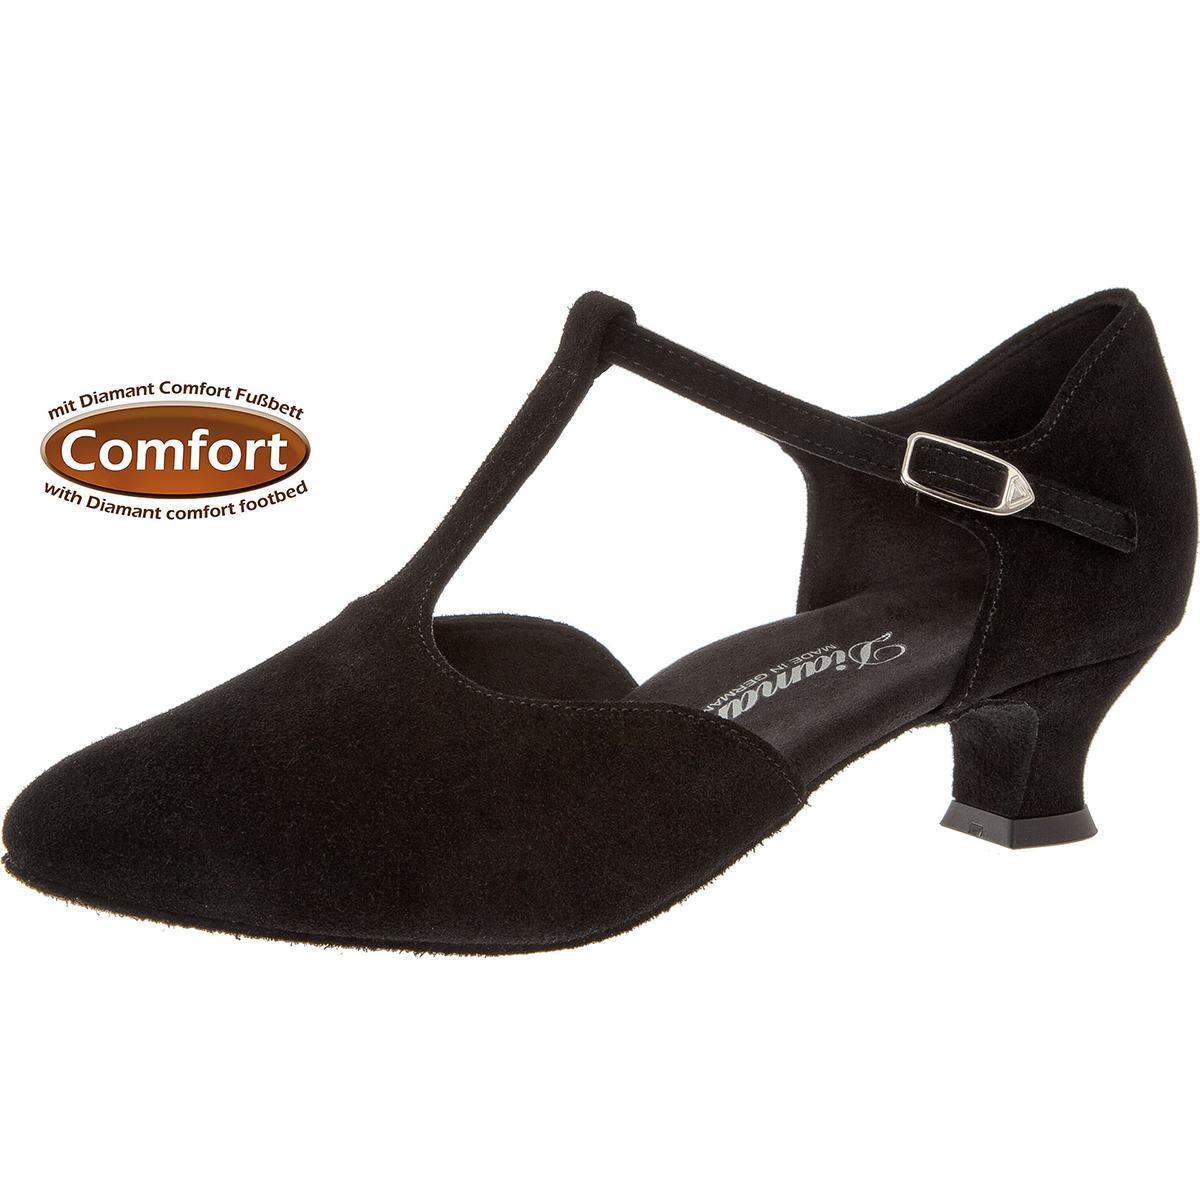 91f900fc Diamant - Mujeres Zapatos de Baile 053-014-001 [Ancho]